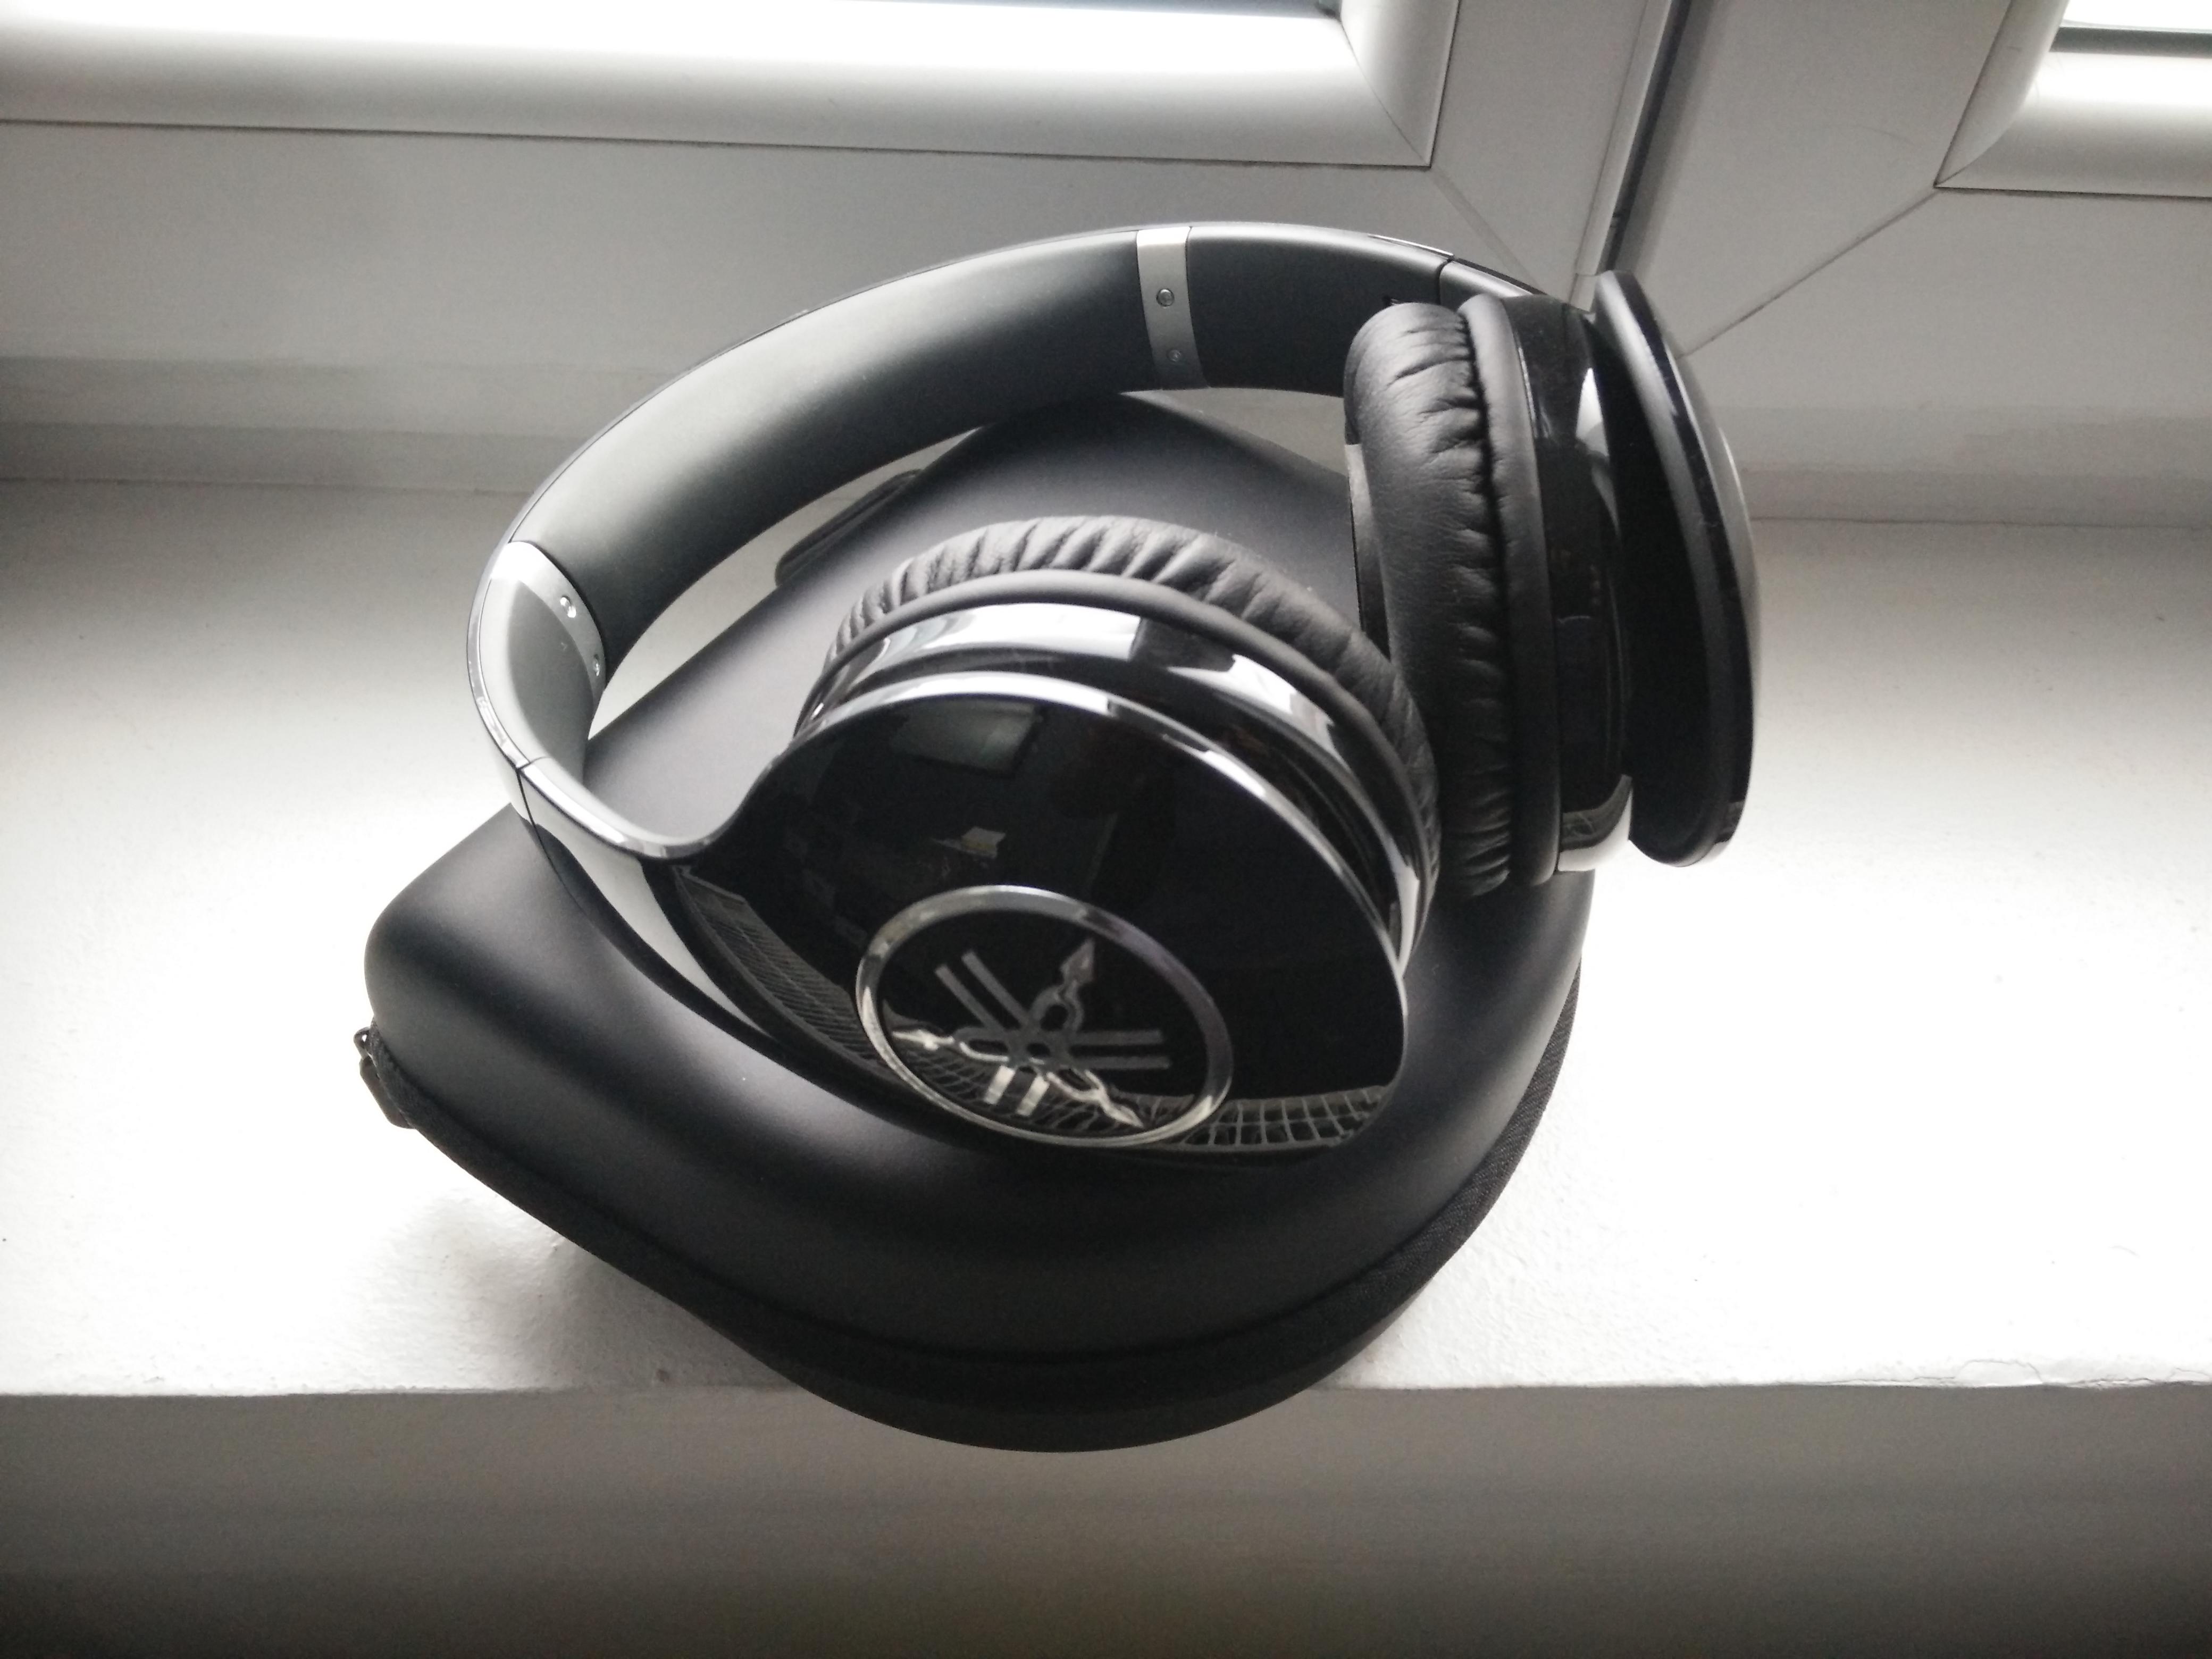 Hph pro 400 yamaha hph pro 400 audiofanzine for Yamaha pro 400